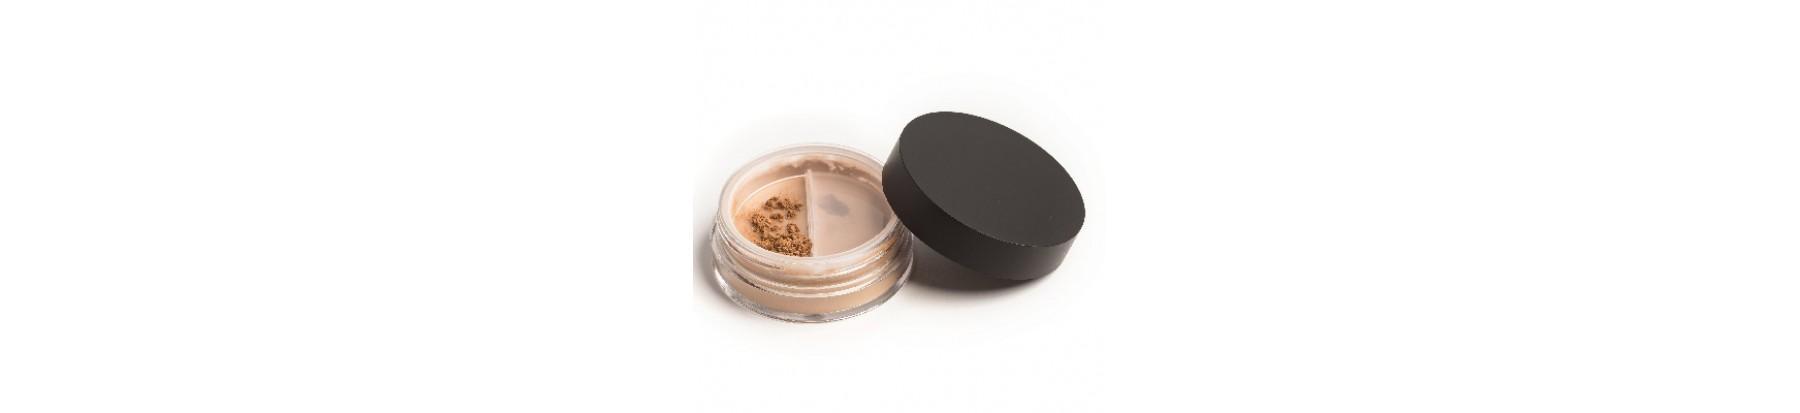 Минеральные румяна Heavenly Mineral Makeup в интернет-магазине MineralMix